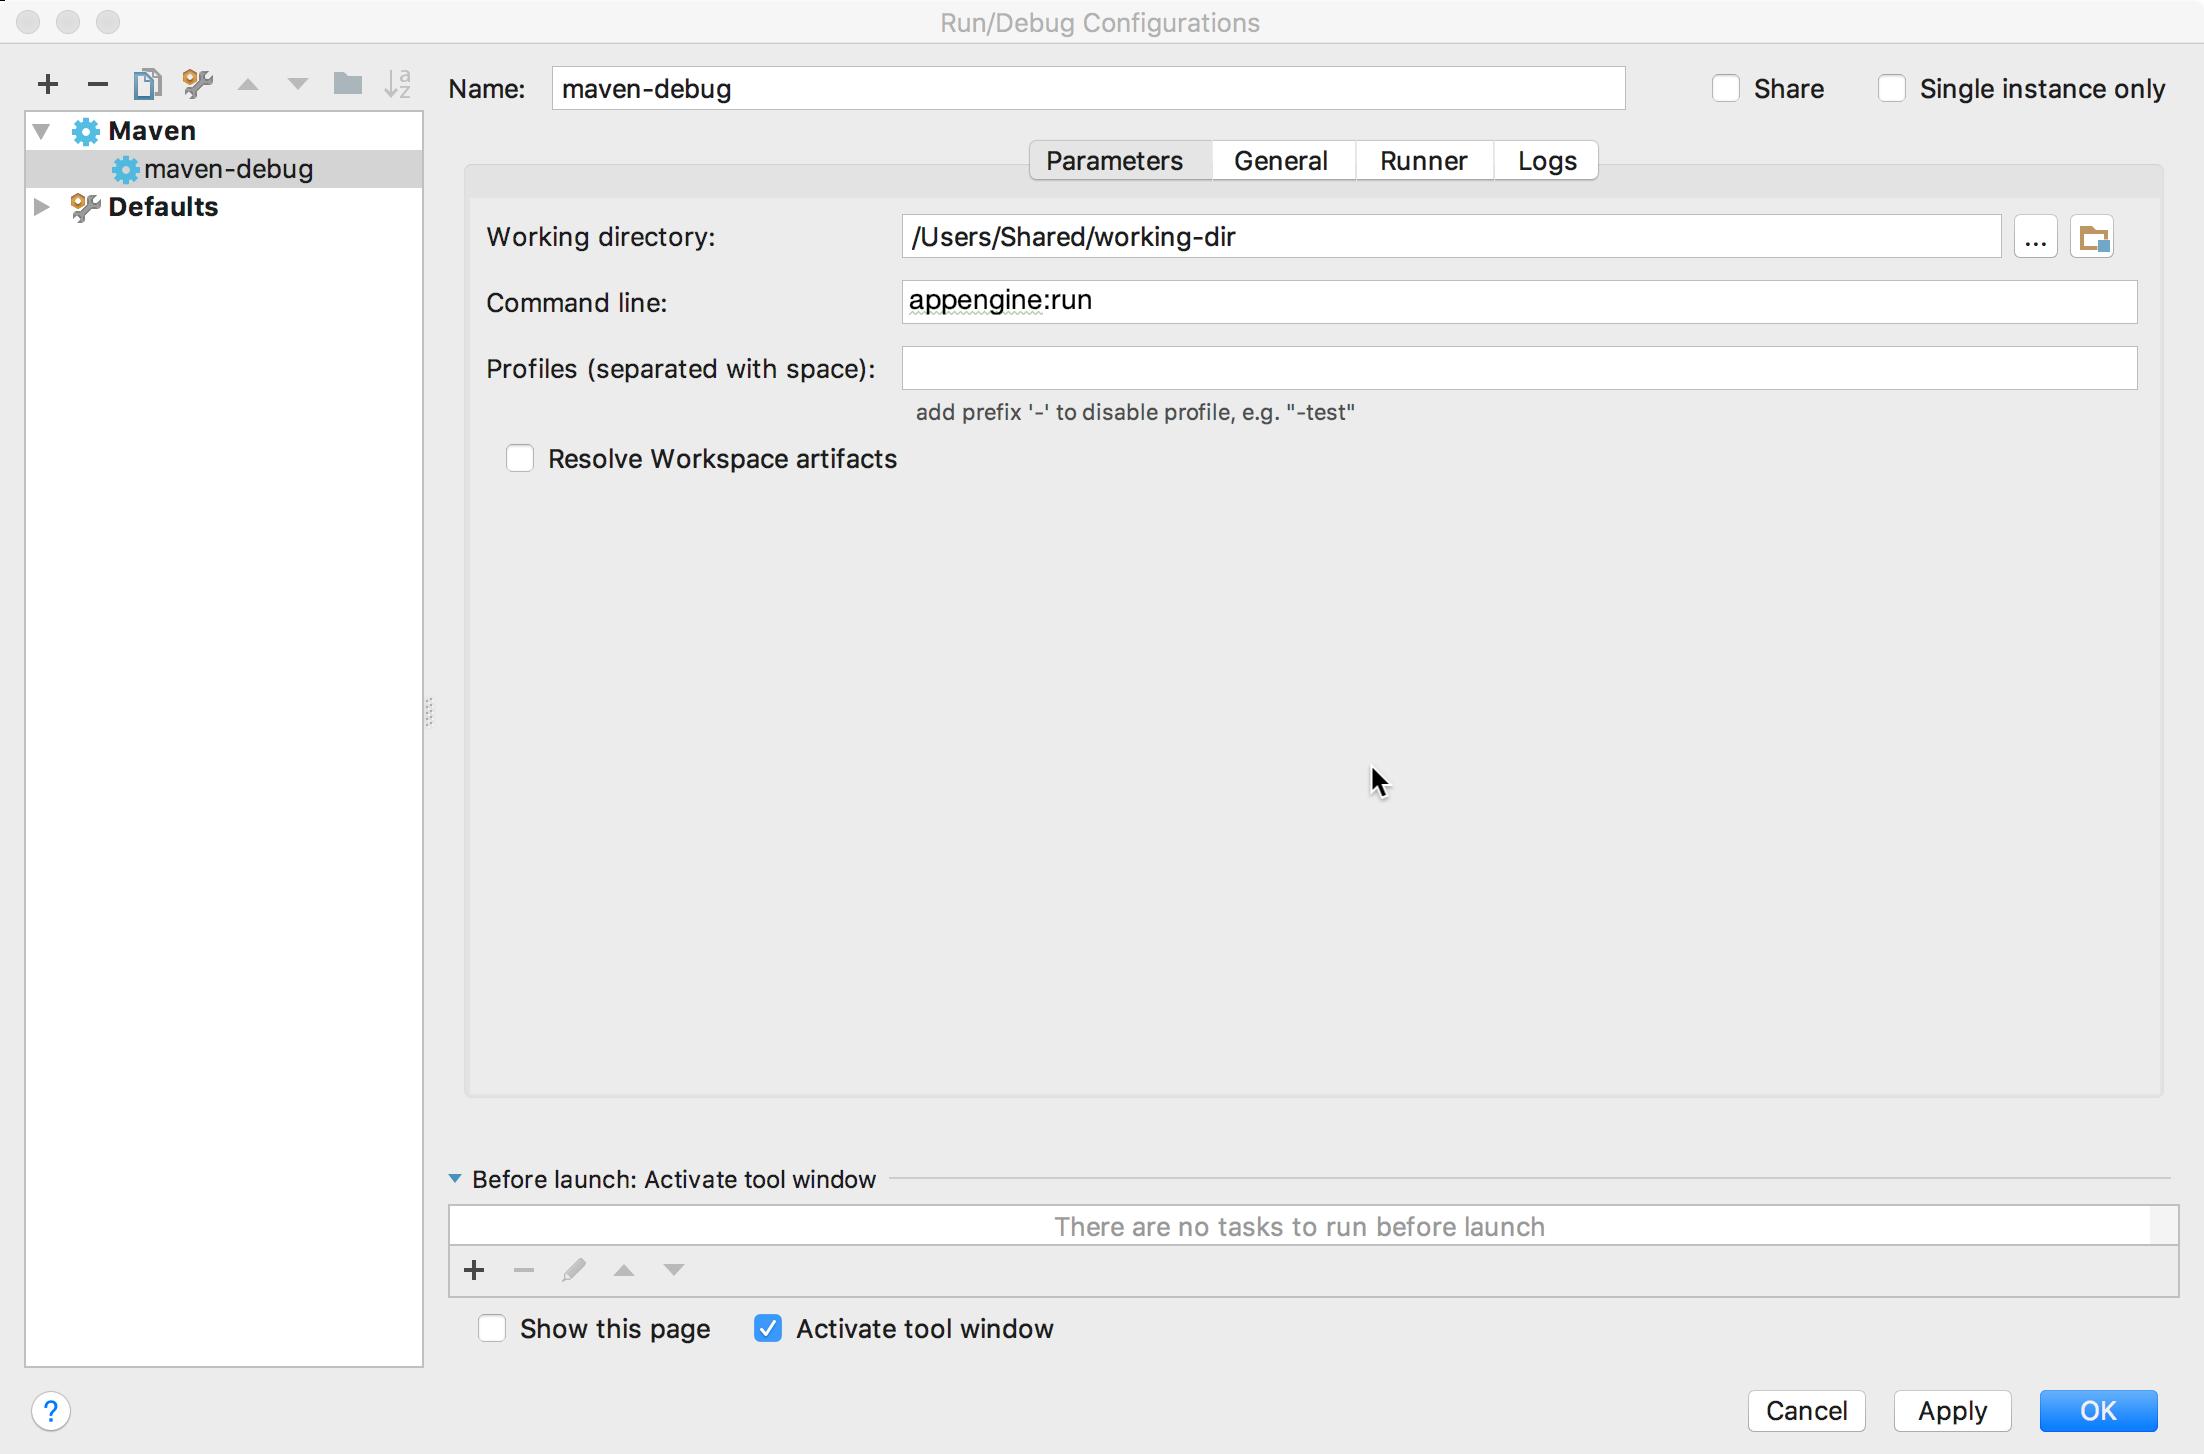 Capture d'écran montrant la boîte de dialogue Run/Debug Configurations (Configurations d'exécution/de débogage).